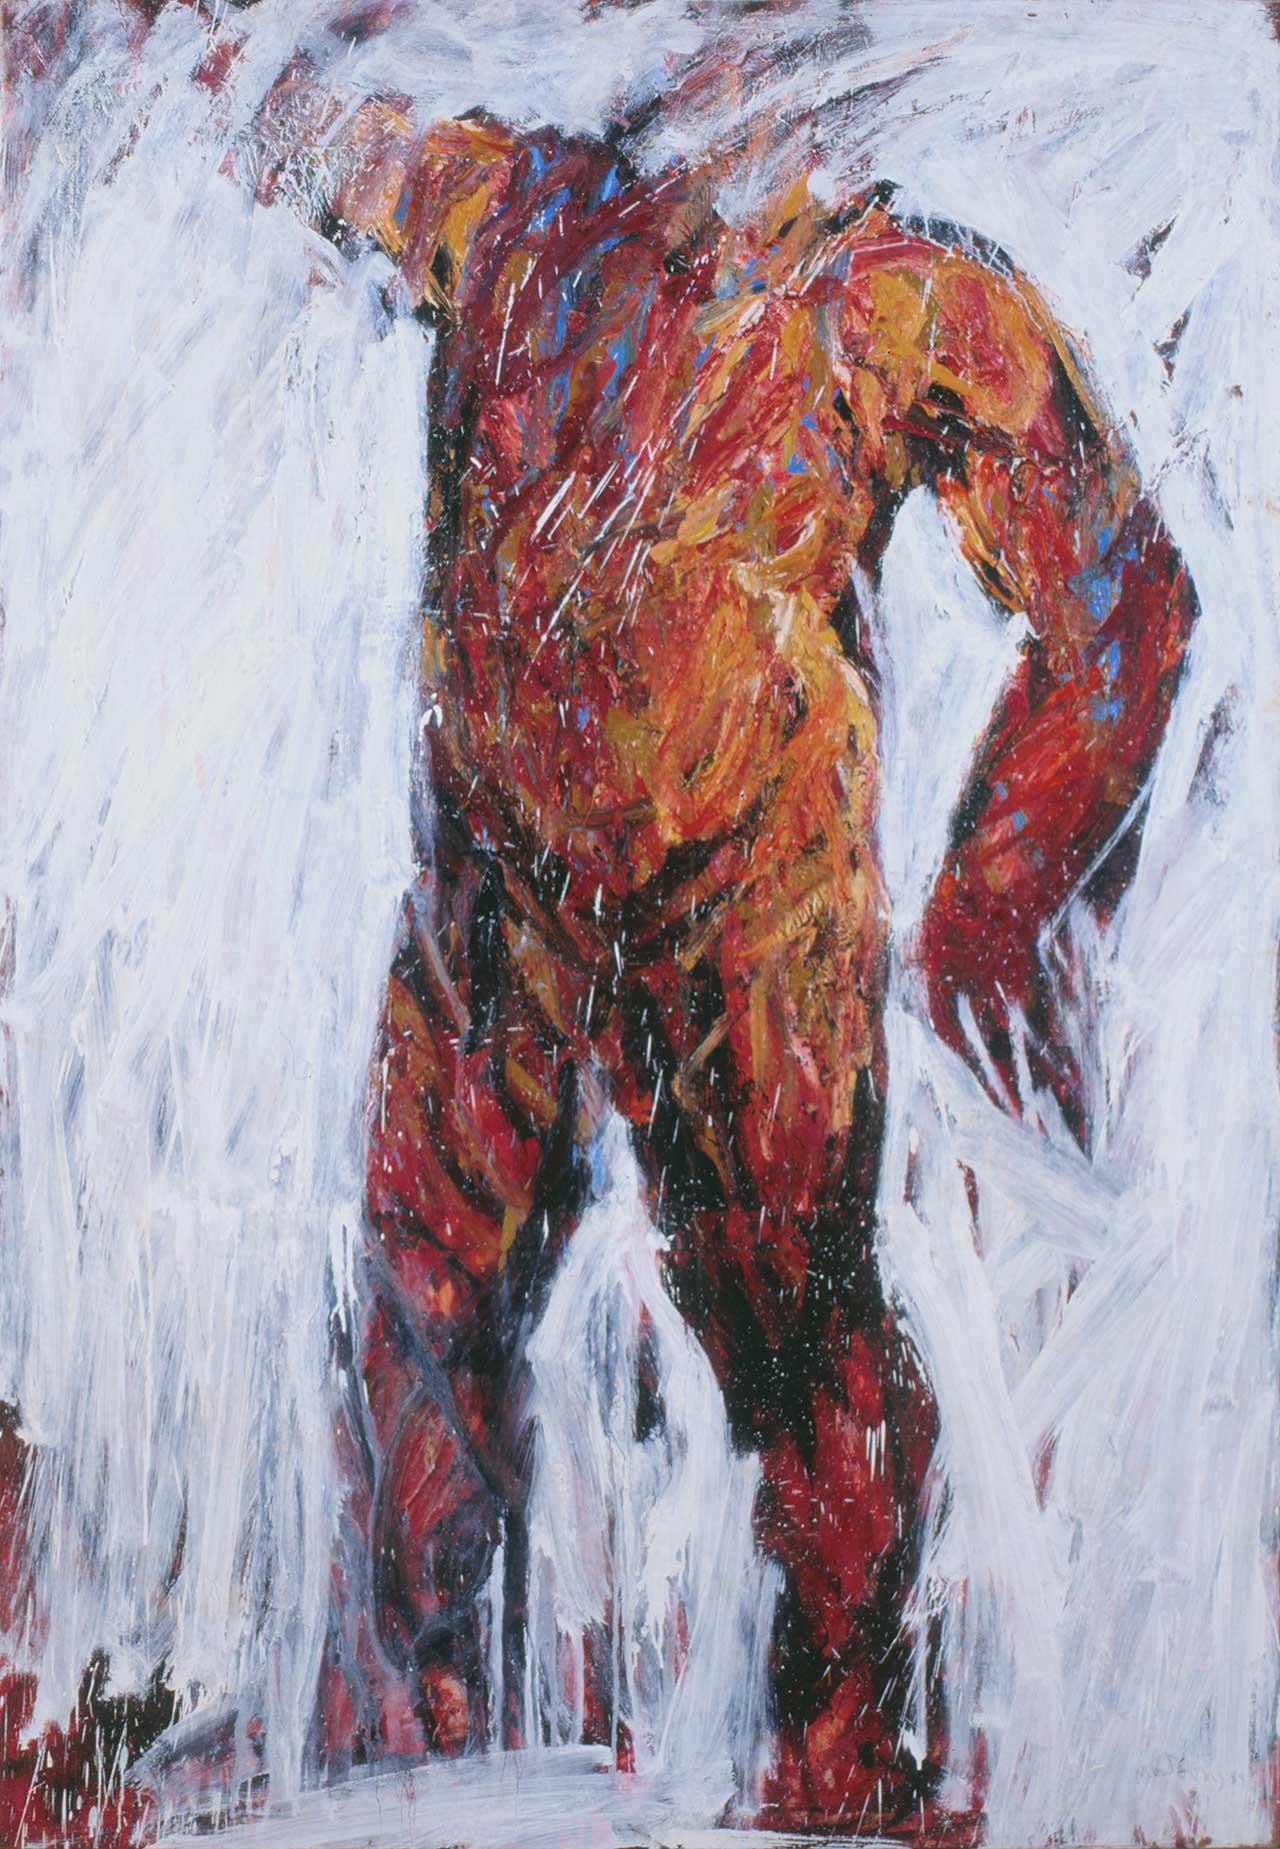 Γυμνός άνδρας, 1992, λάδι σε καμβά, 200x137 εκ.